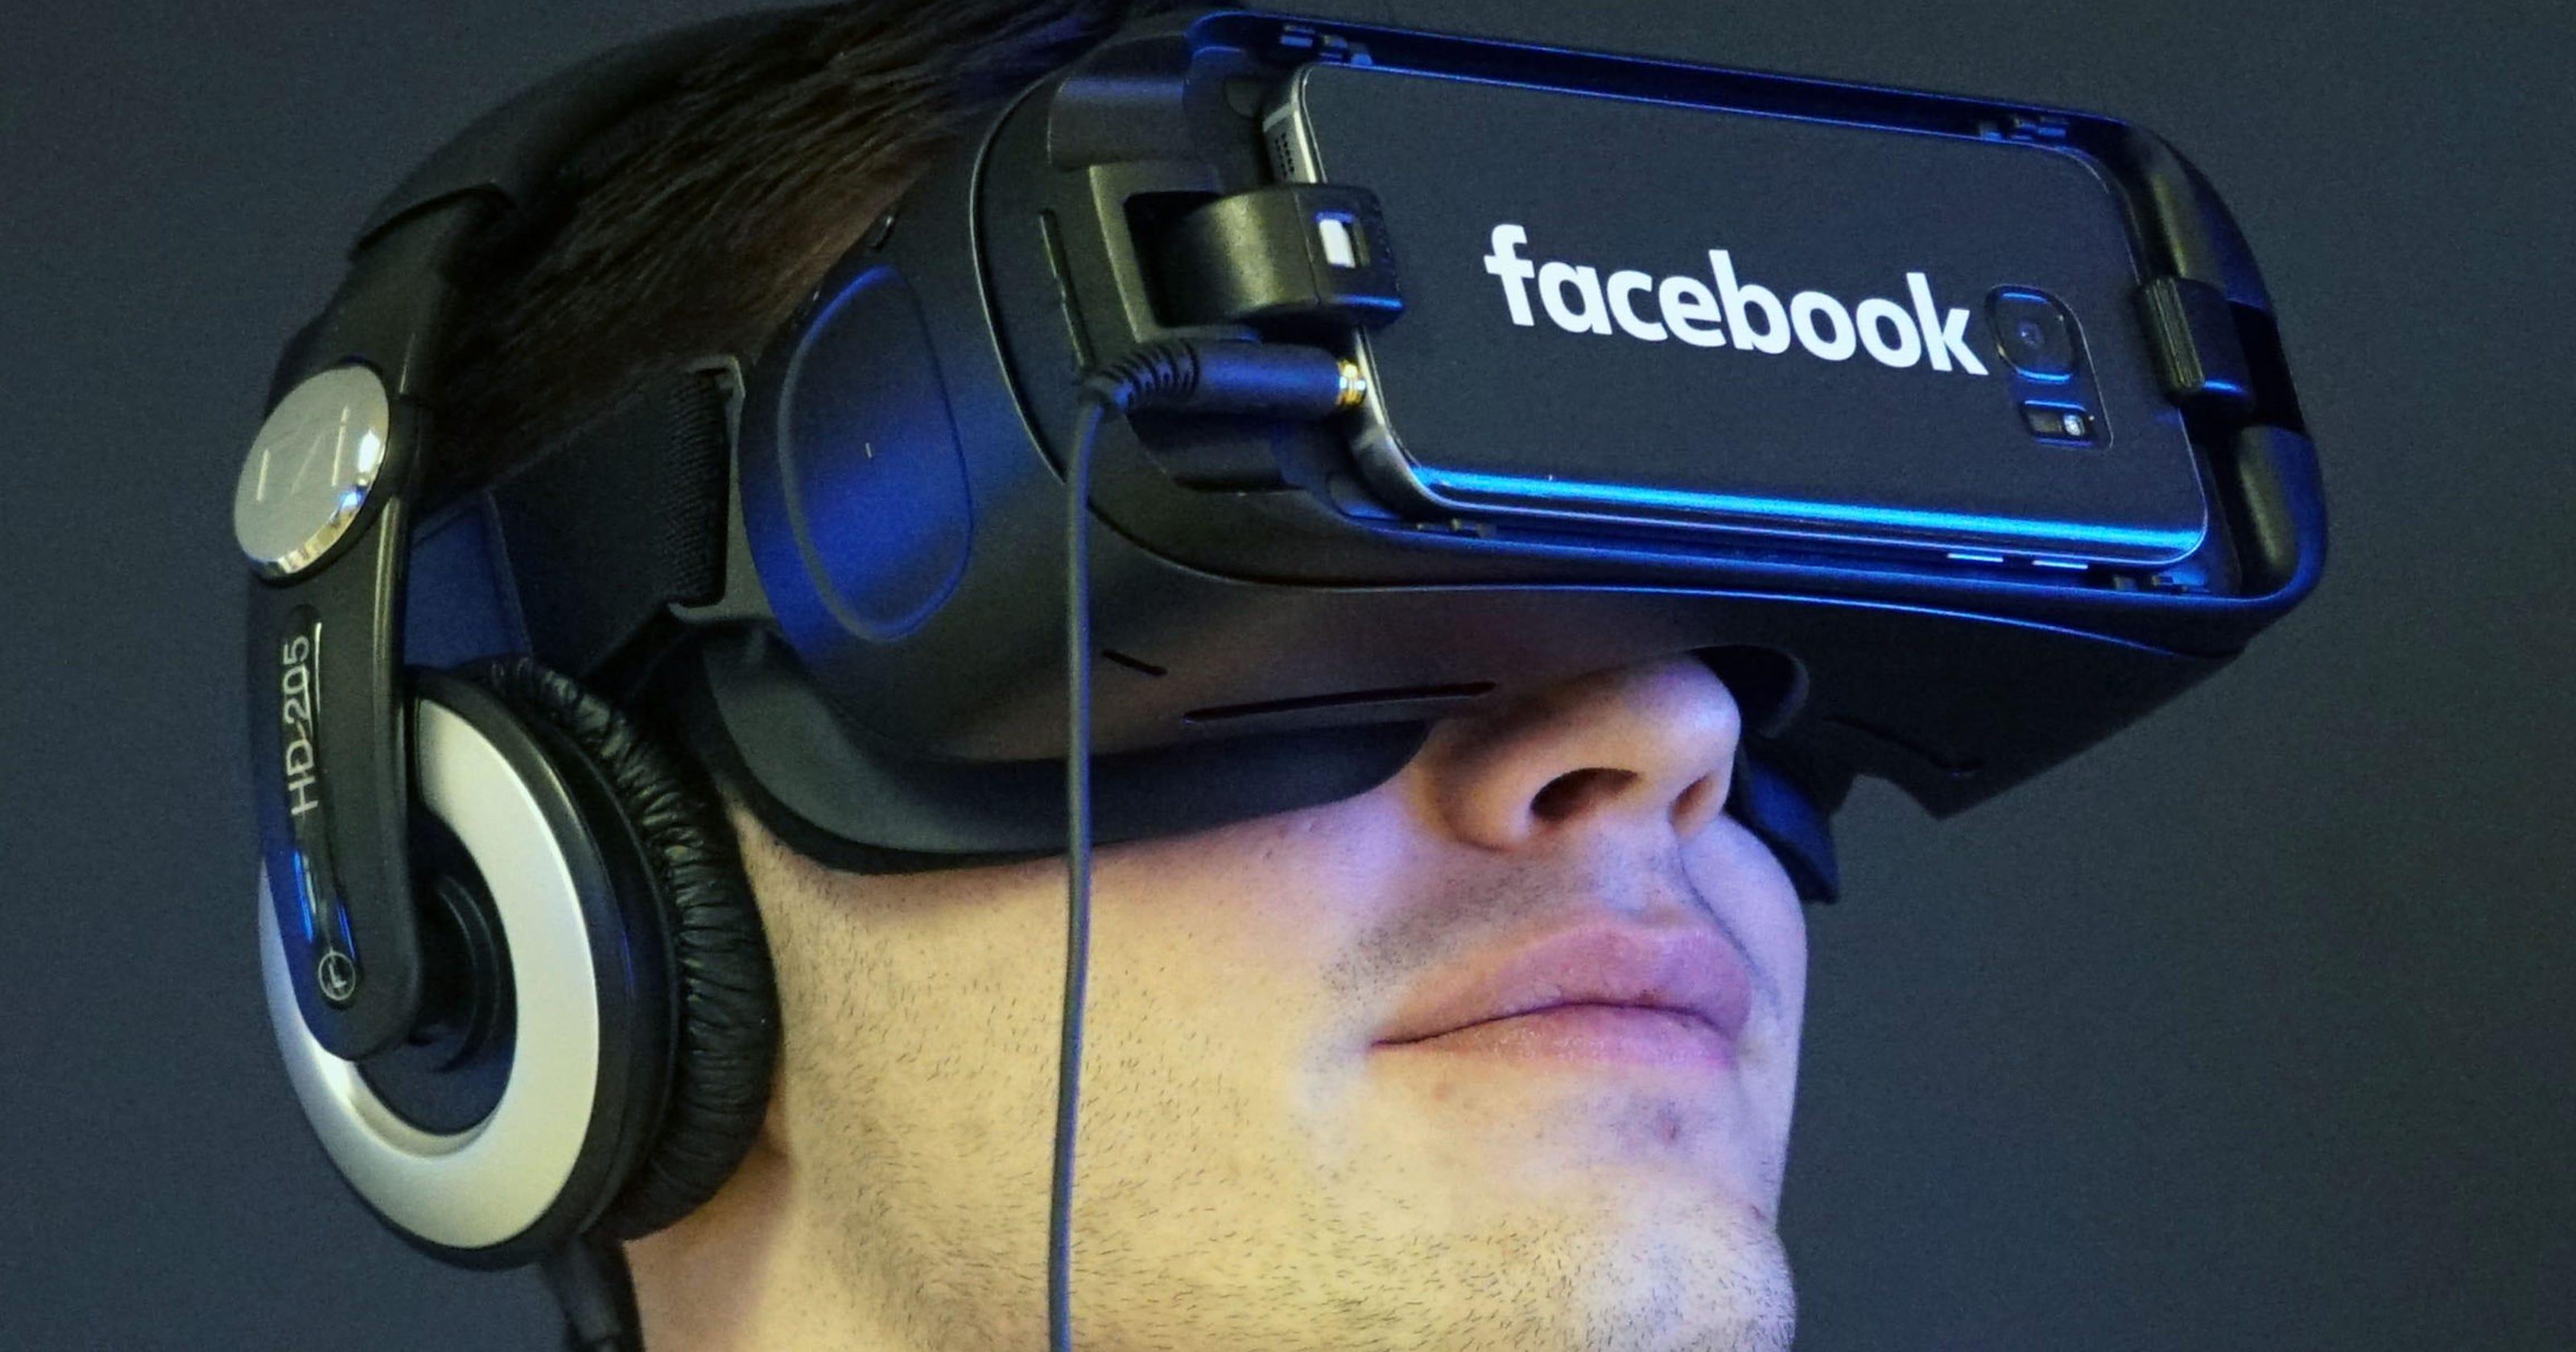 Facebook pop-up stores offer taste of VR